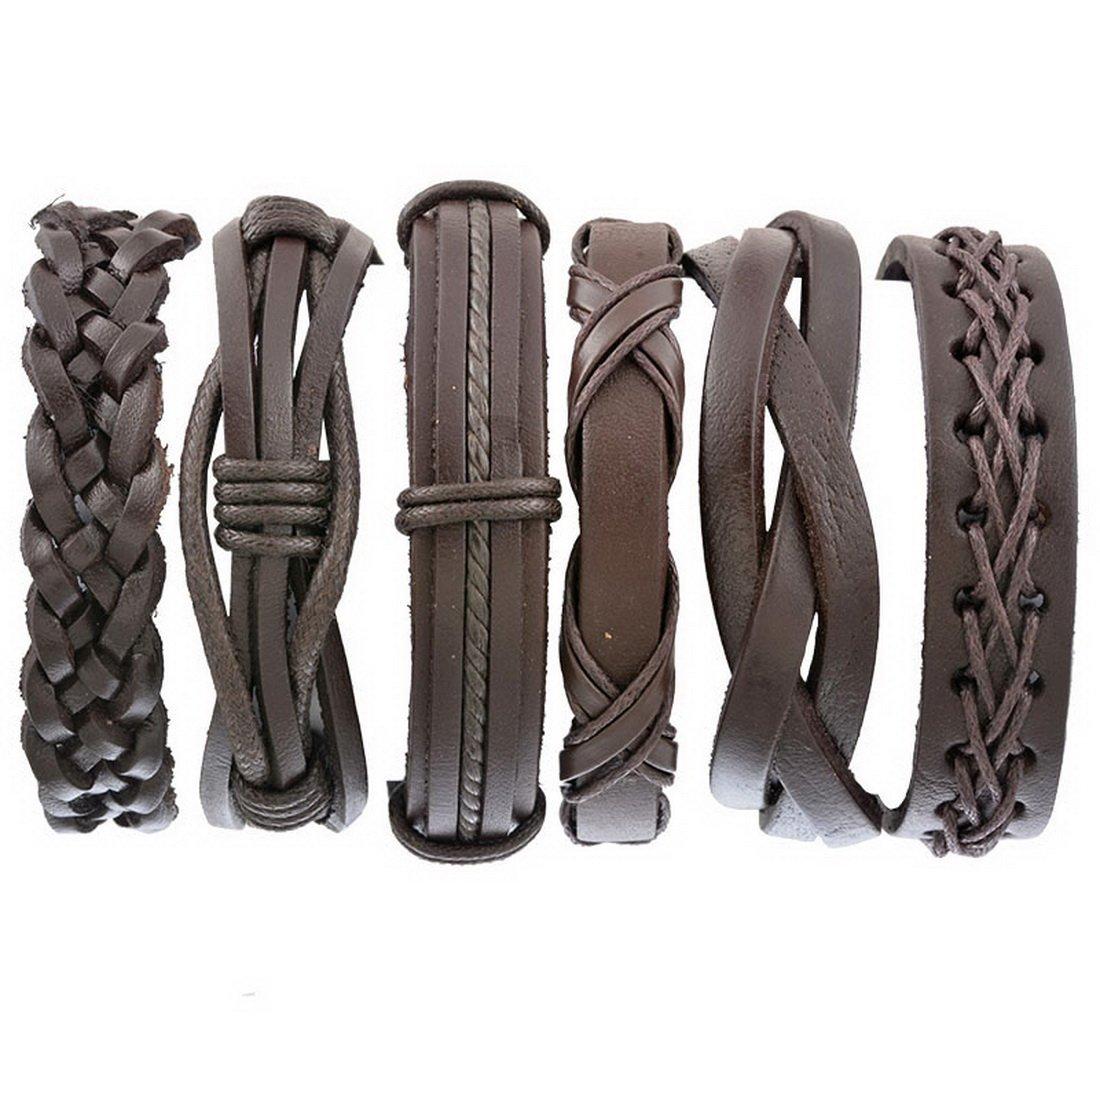 MJARTORIA Bracelet Corde Cuir PU Noir Unisexe réglable en Chanvre Cordons Multi brins Vintage Homme Ensemble Bracelet Mixte présentée dans Un Coffret Cadeau Lot de 6 XIEHOU XHA0AF0E3AX